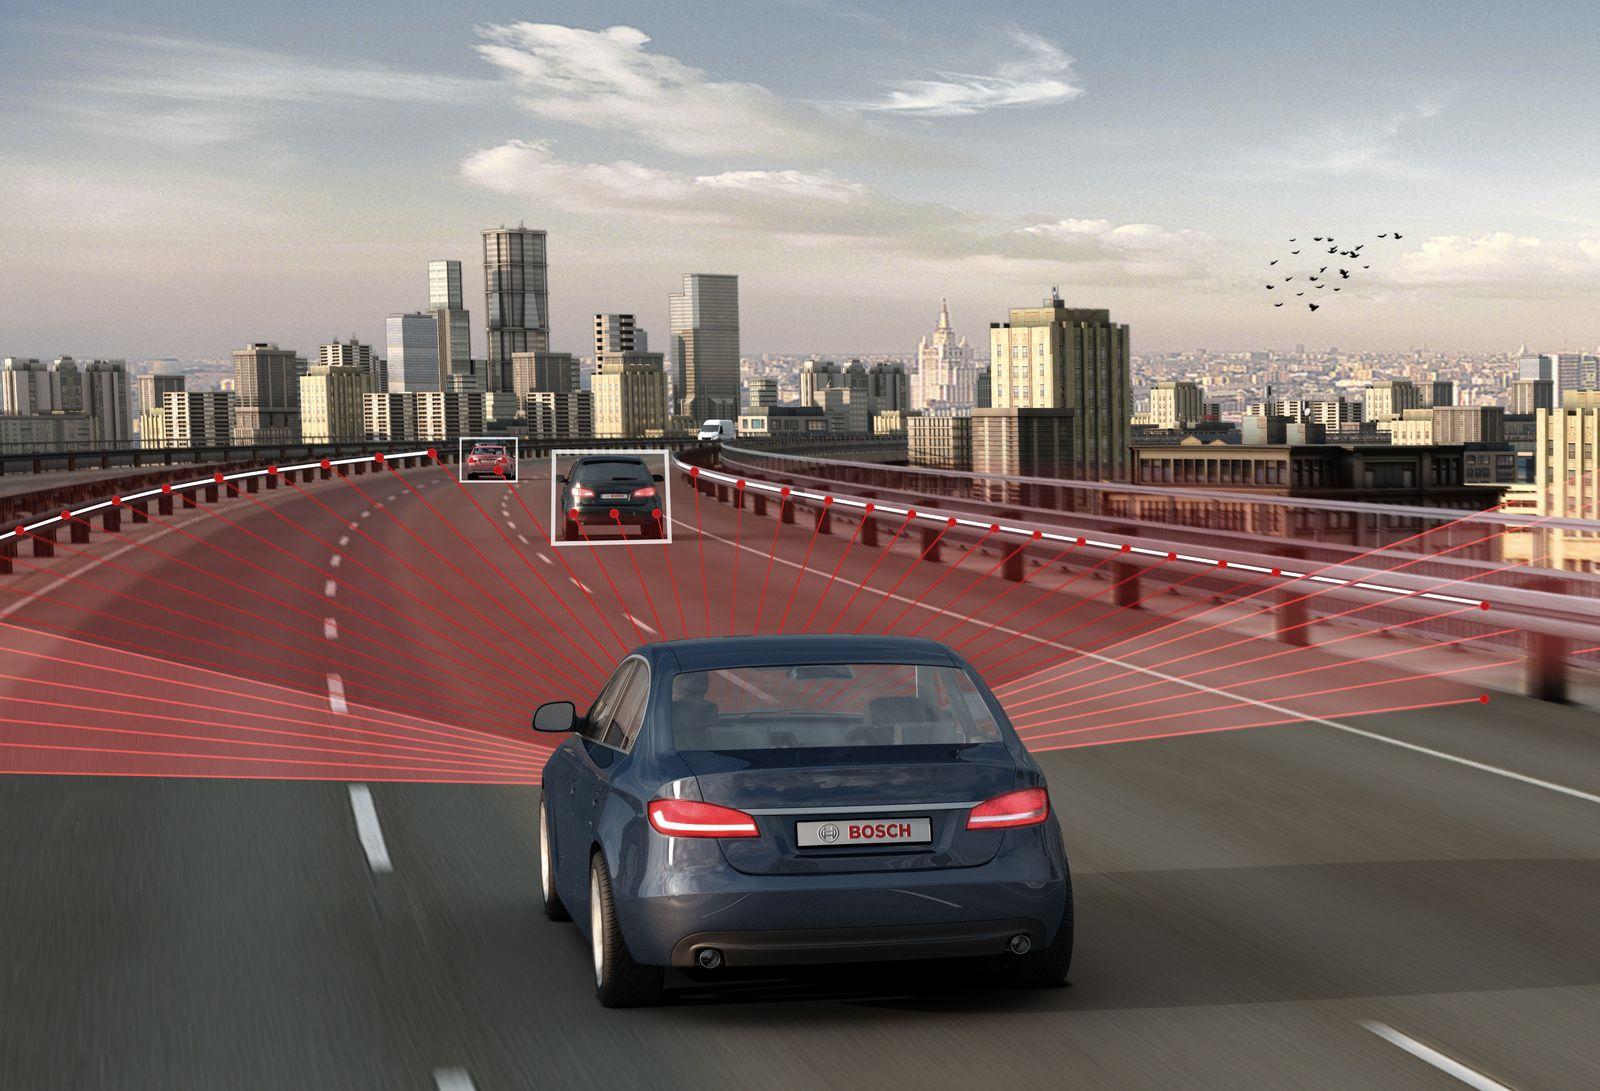 Bosch / Neue Sensorik für intelligente Automatisierung